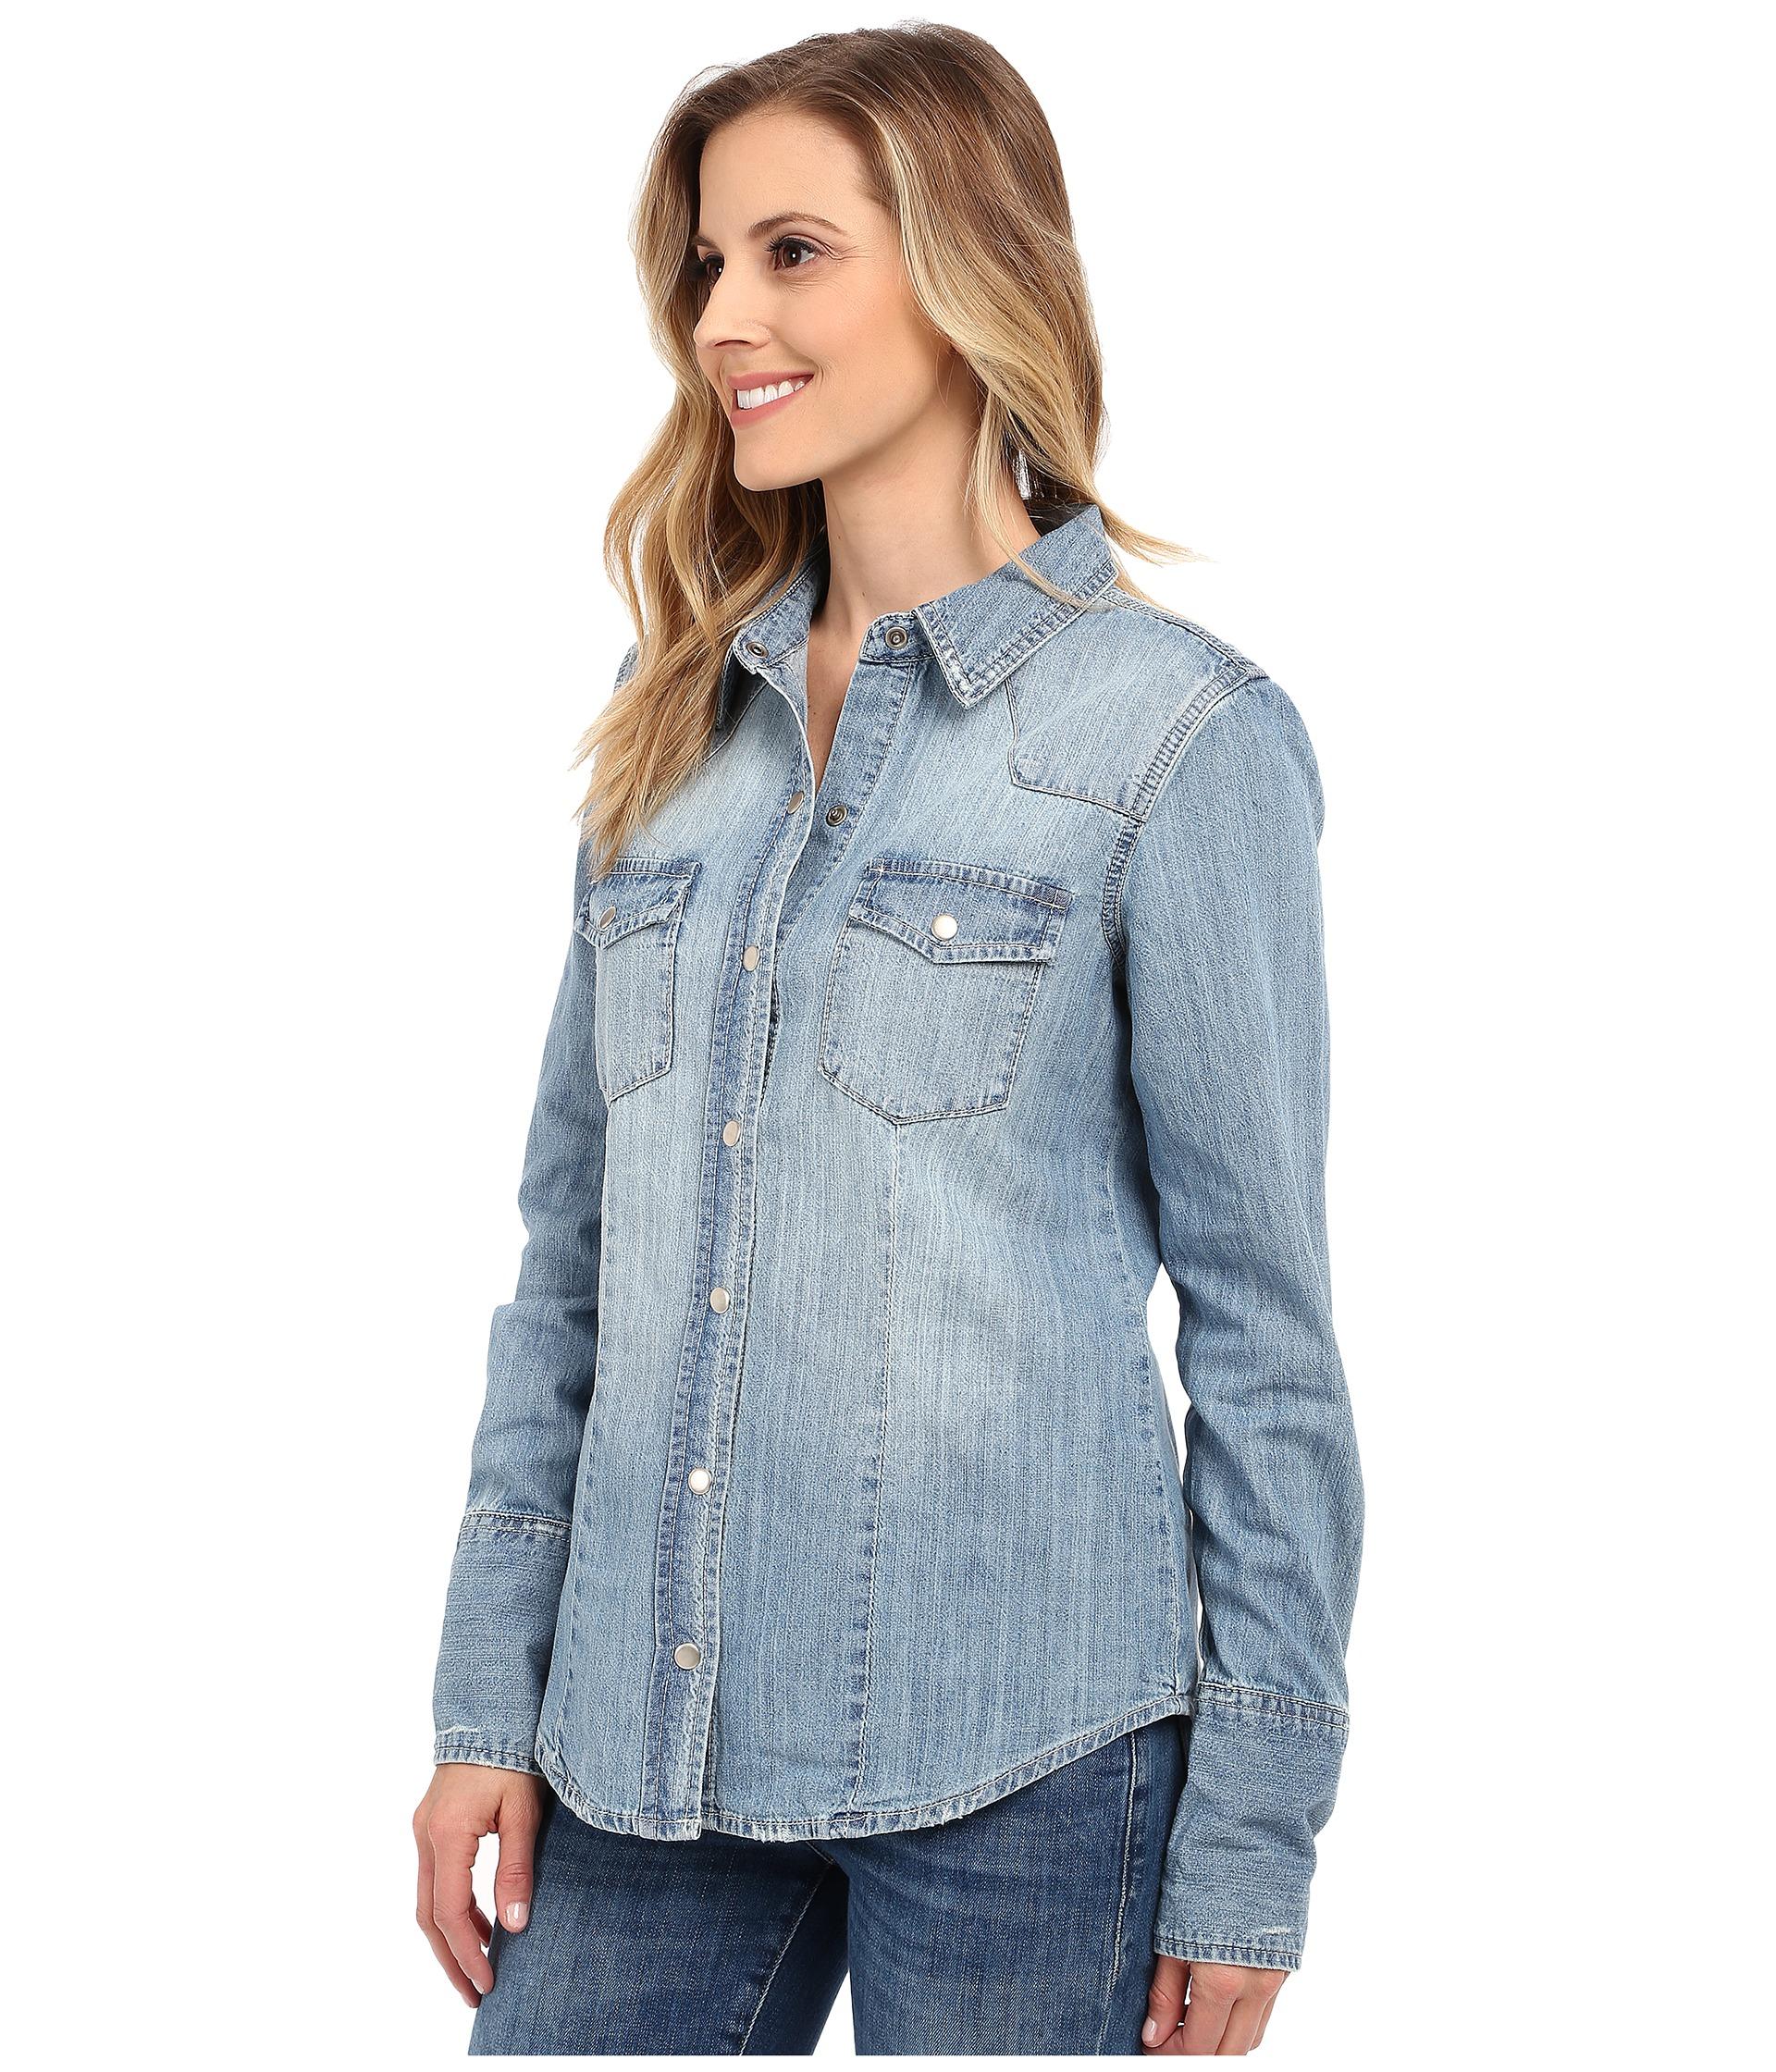 Lyst Stetson Light Blue Denim Long Sleeve Western Shirt